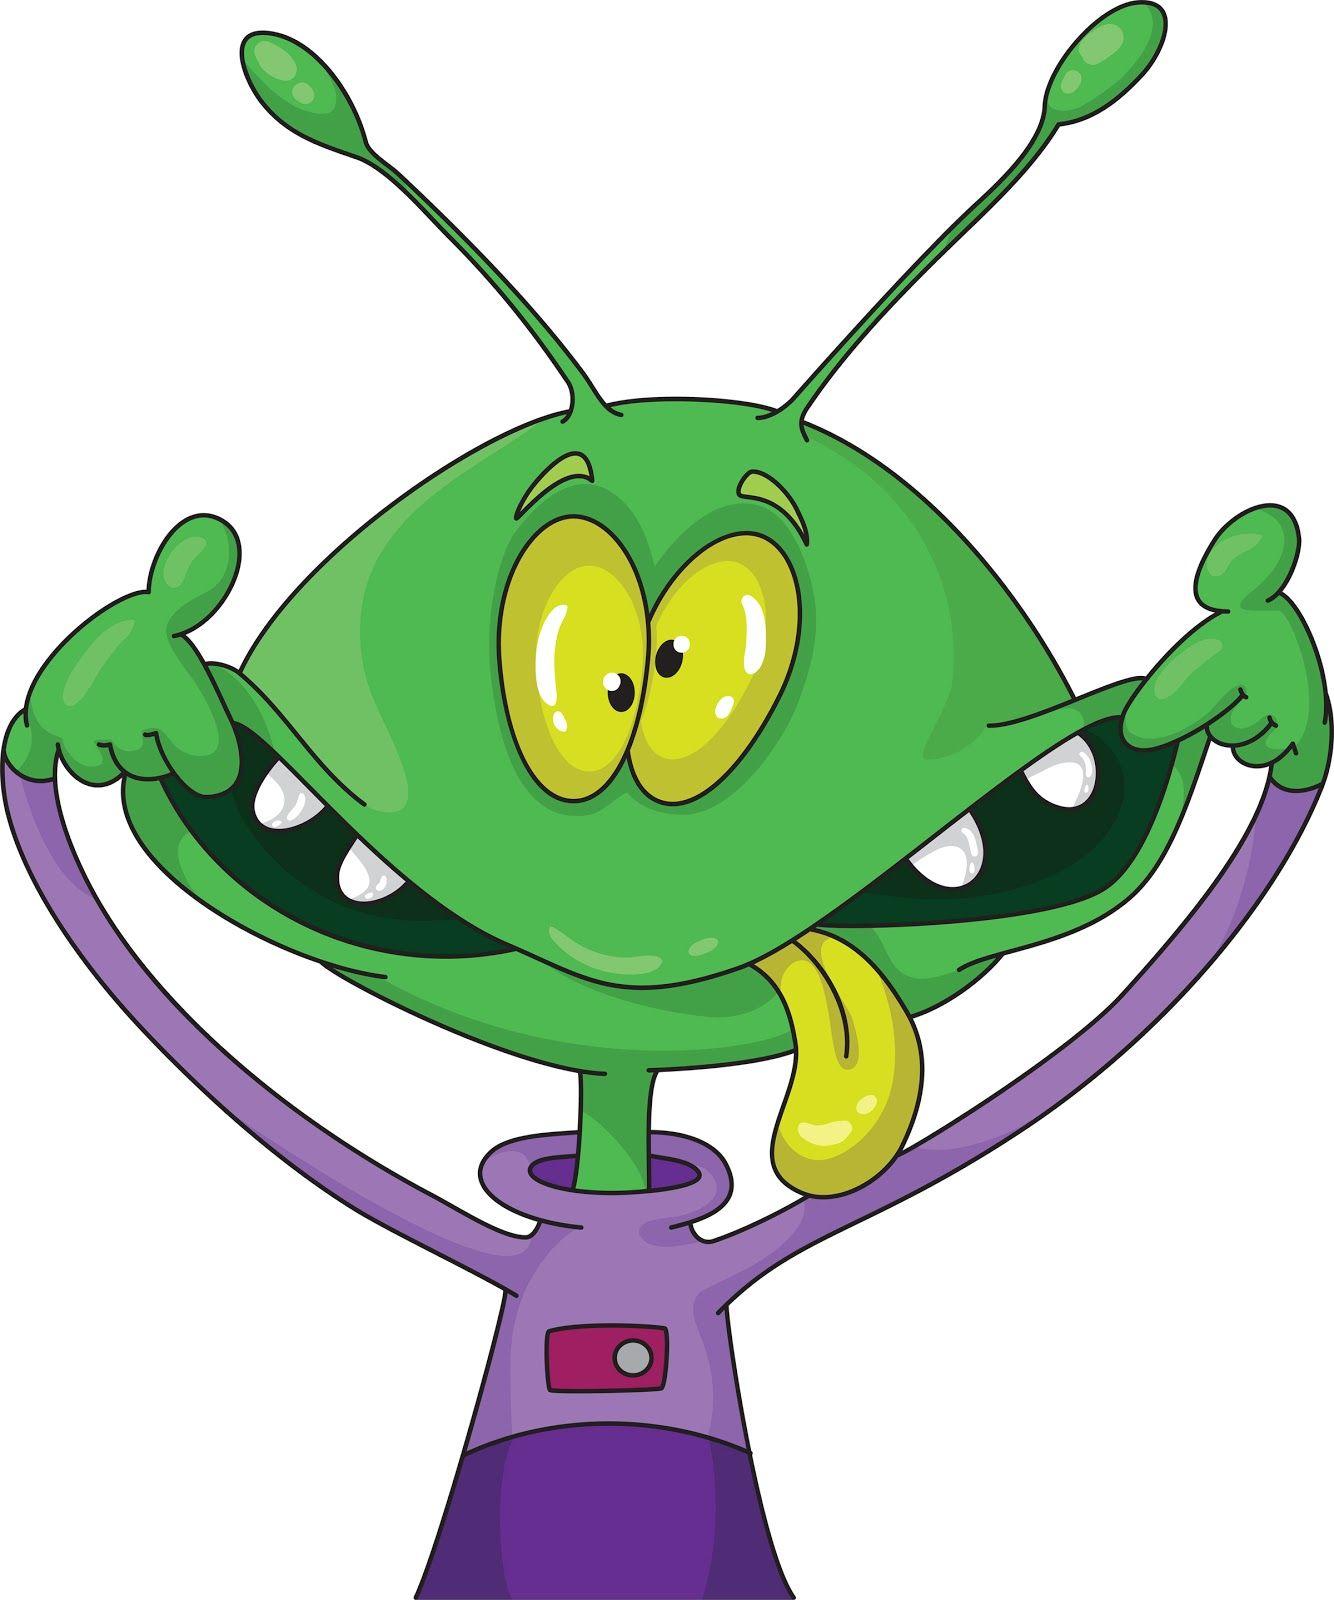 C ff ddd b. Alien clipart extraterrestrial